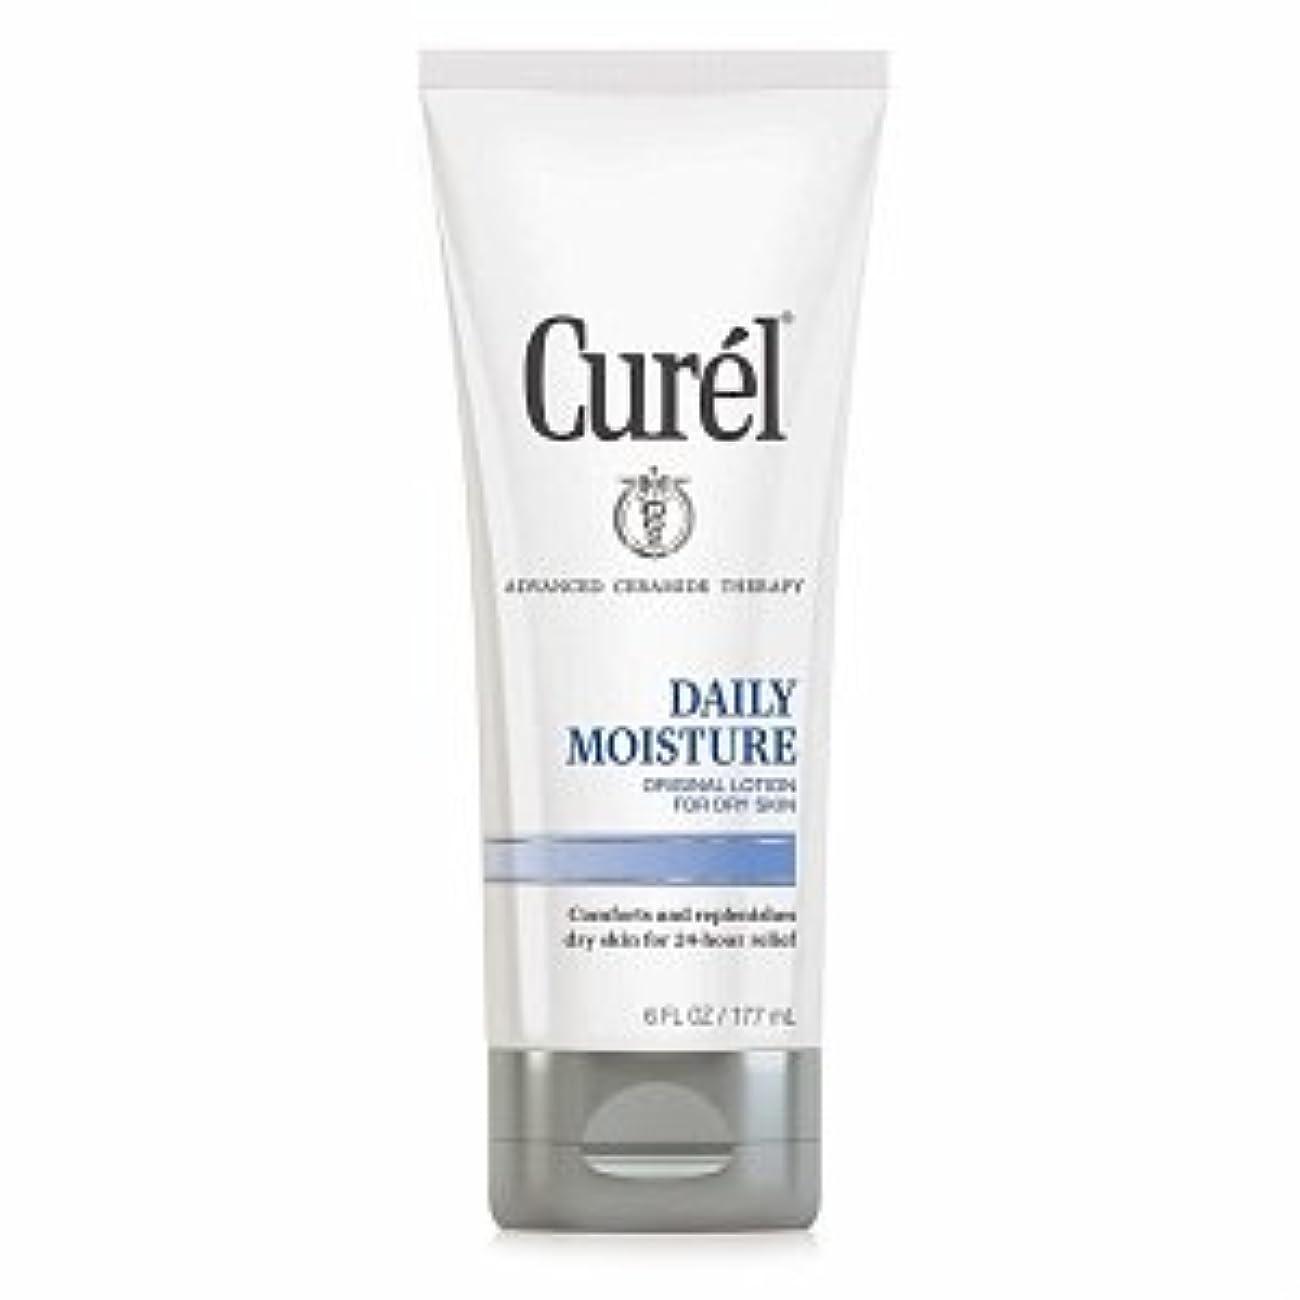 パキスタン電気的意味Curel Daily Moisture Original Lotion for Dry Skin - 6 fl oz (177 ml)